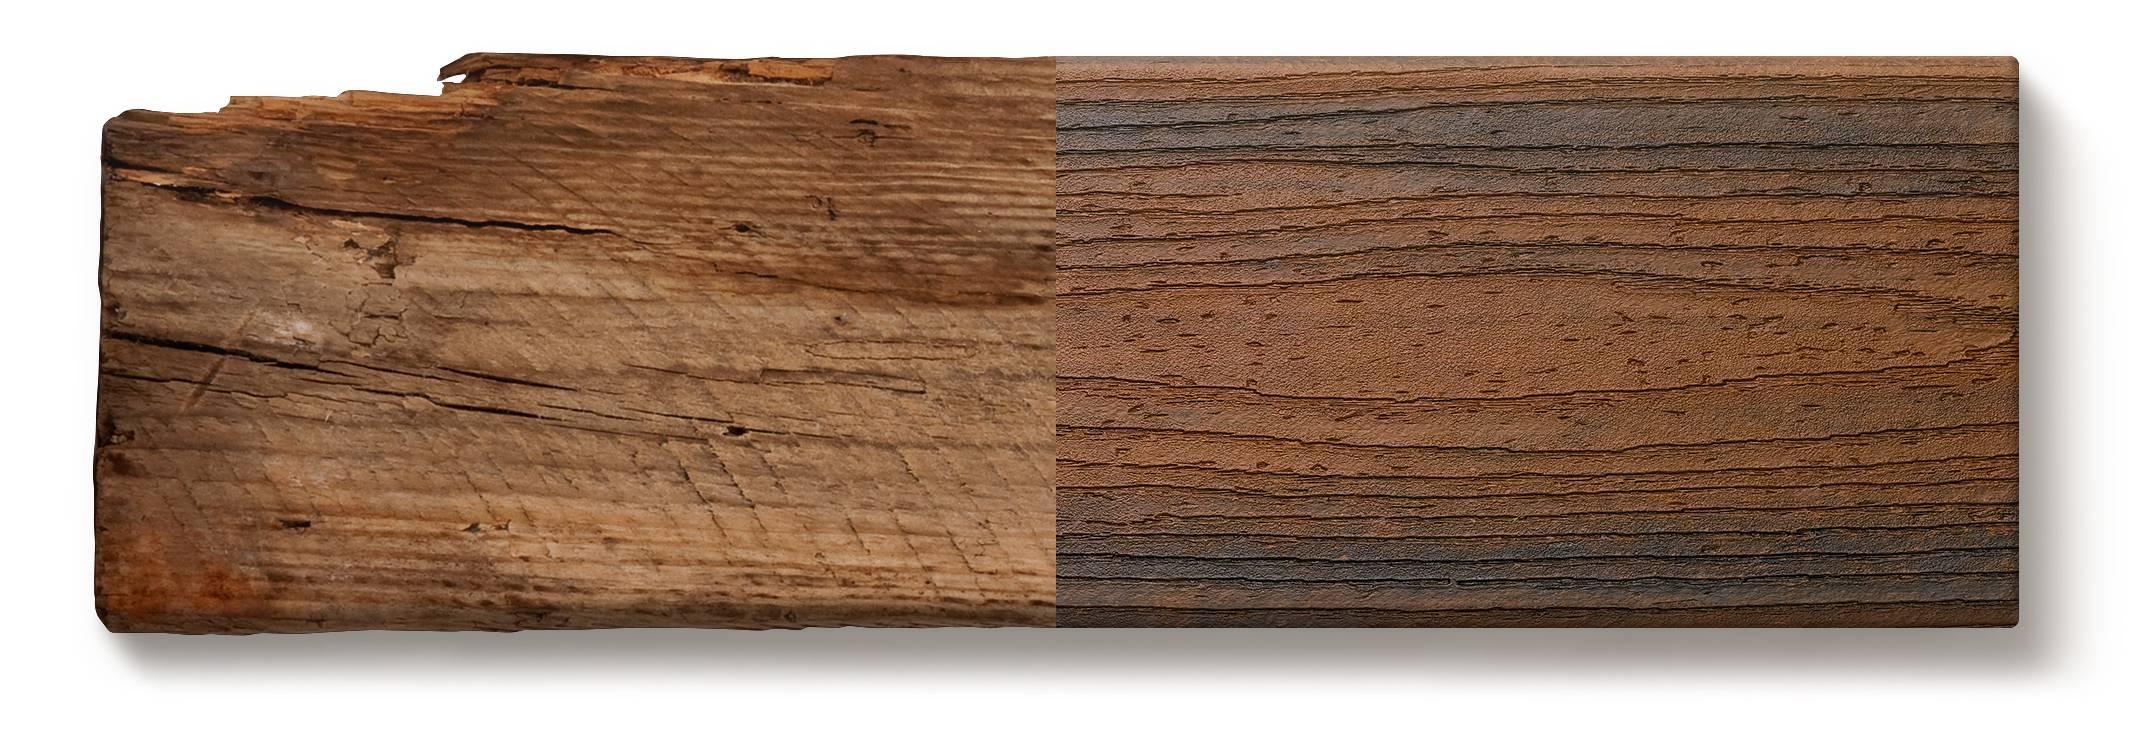 Ger Trex vs. Holz Vergleich Terrassendielen Transcend Spiced Rum-Verbundstoff